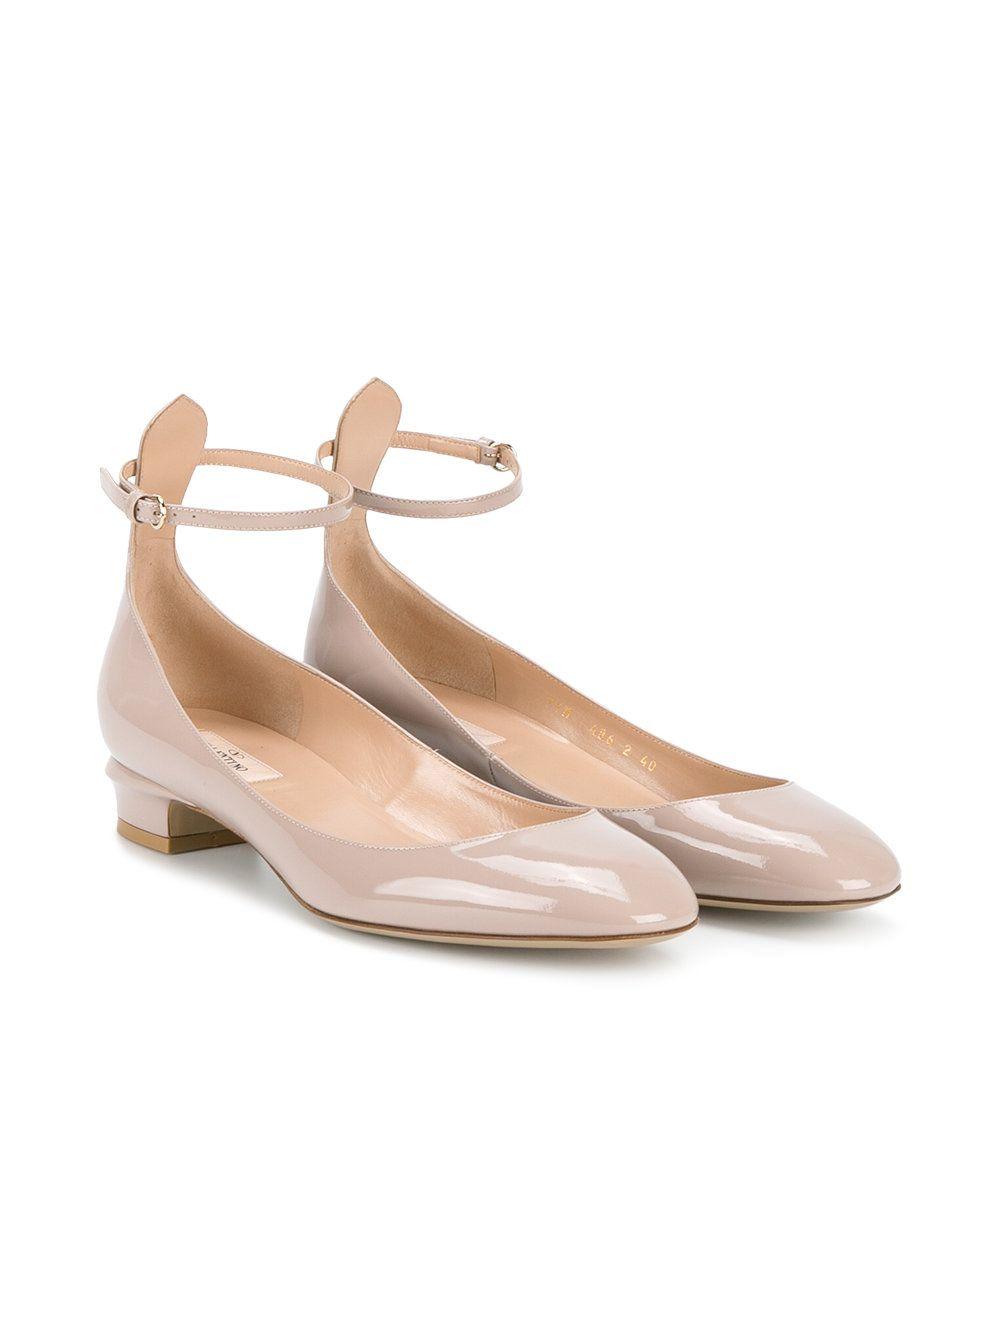 Valentino Chaussures Beige Avec Boucle Pour Femmes K74xq